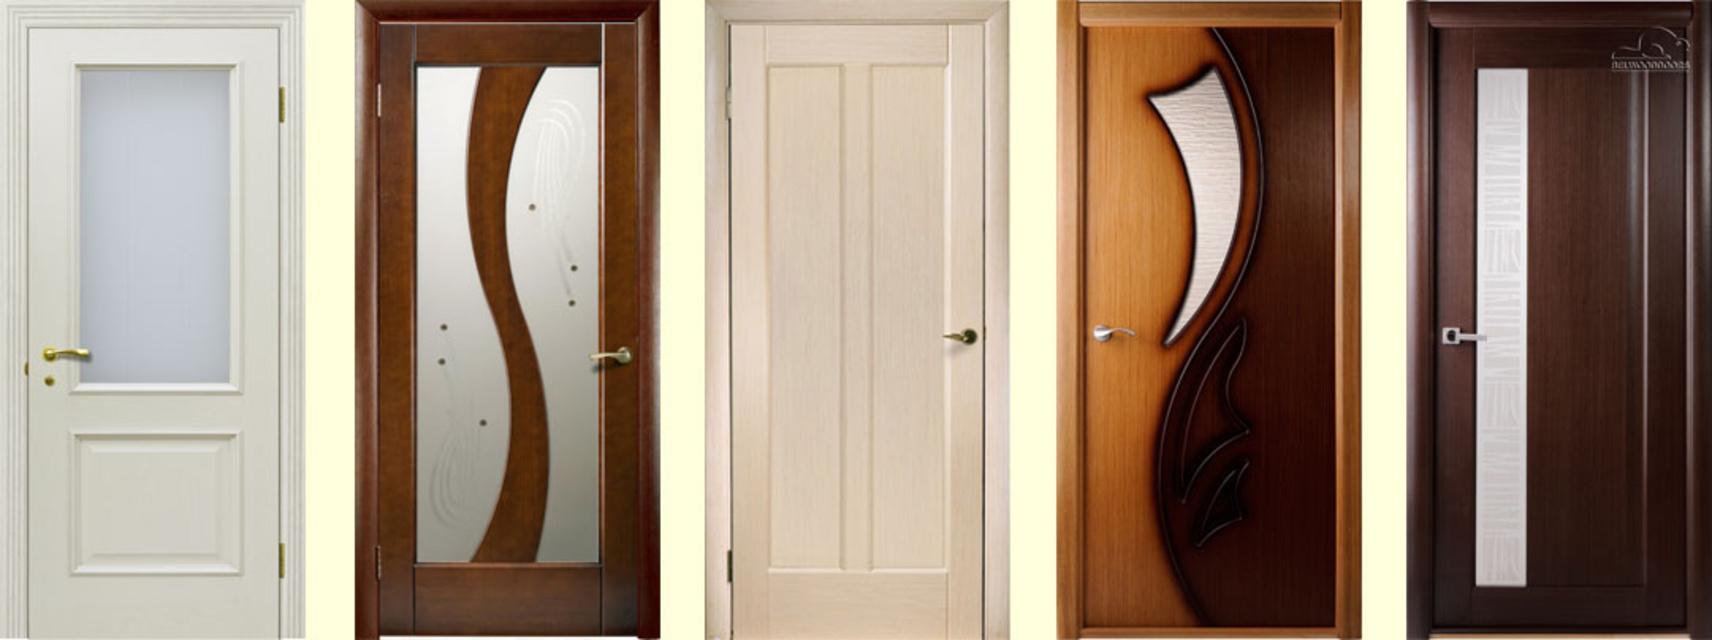 Роликовые межкомнатные двери как монтаж 22 фотография